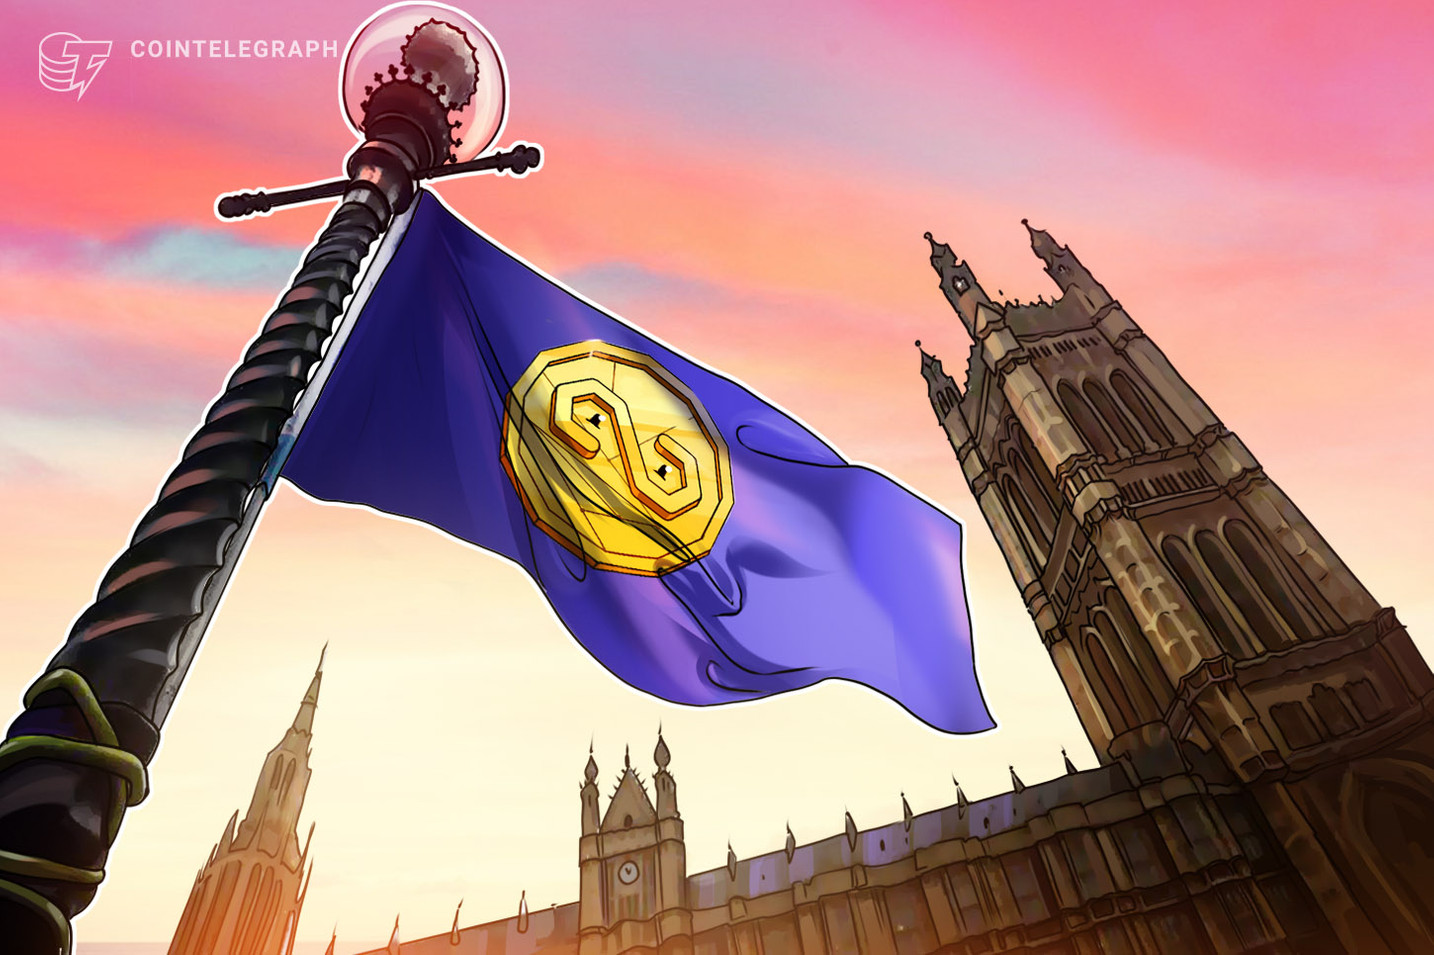 سلطات المملكة المتحدة تركز على لوائح العملات المستقرة لمنع الاحتكارات